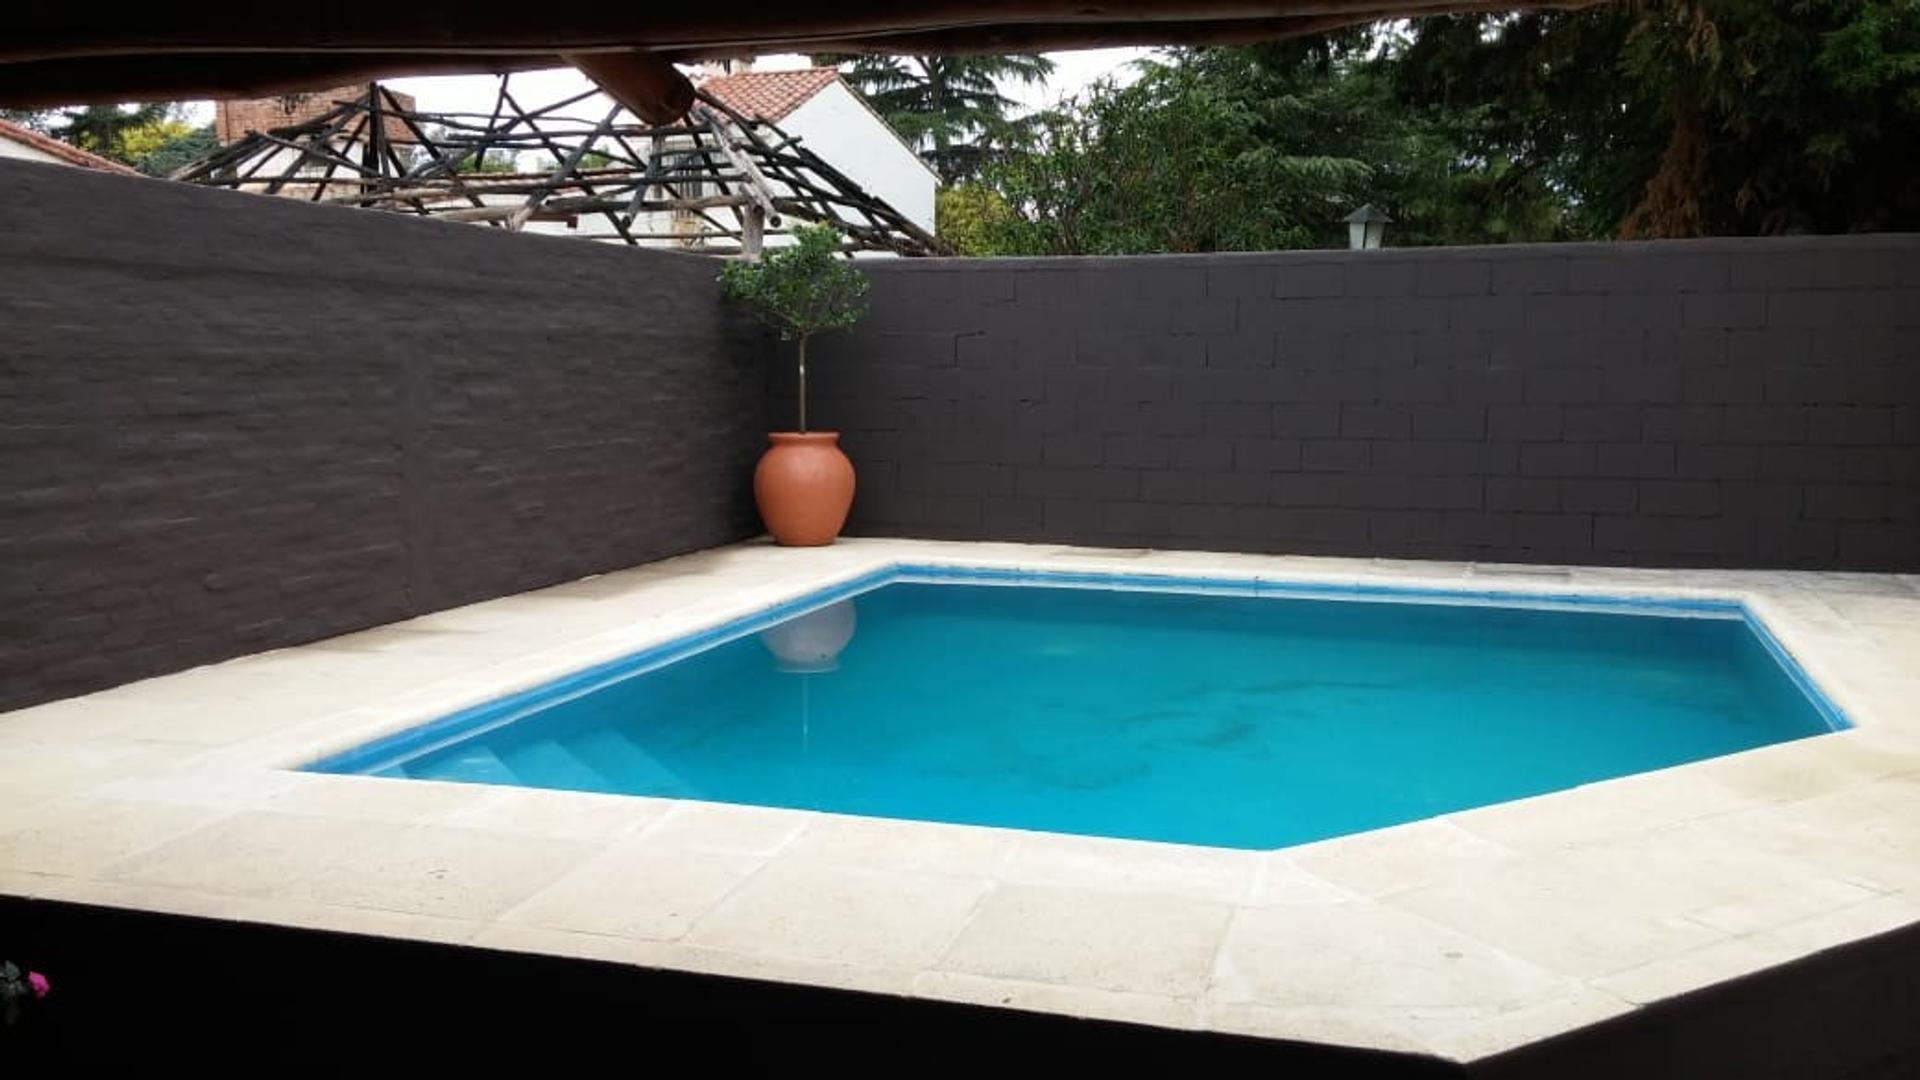 Casa - 70 m² | 3 dormitorios | 1 año